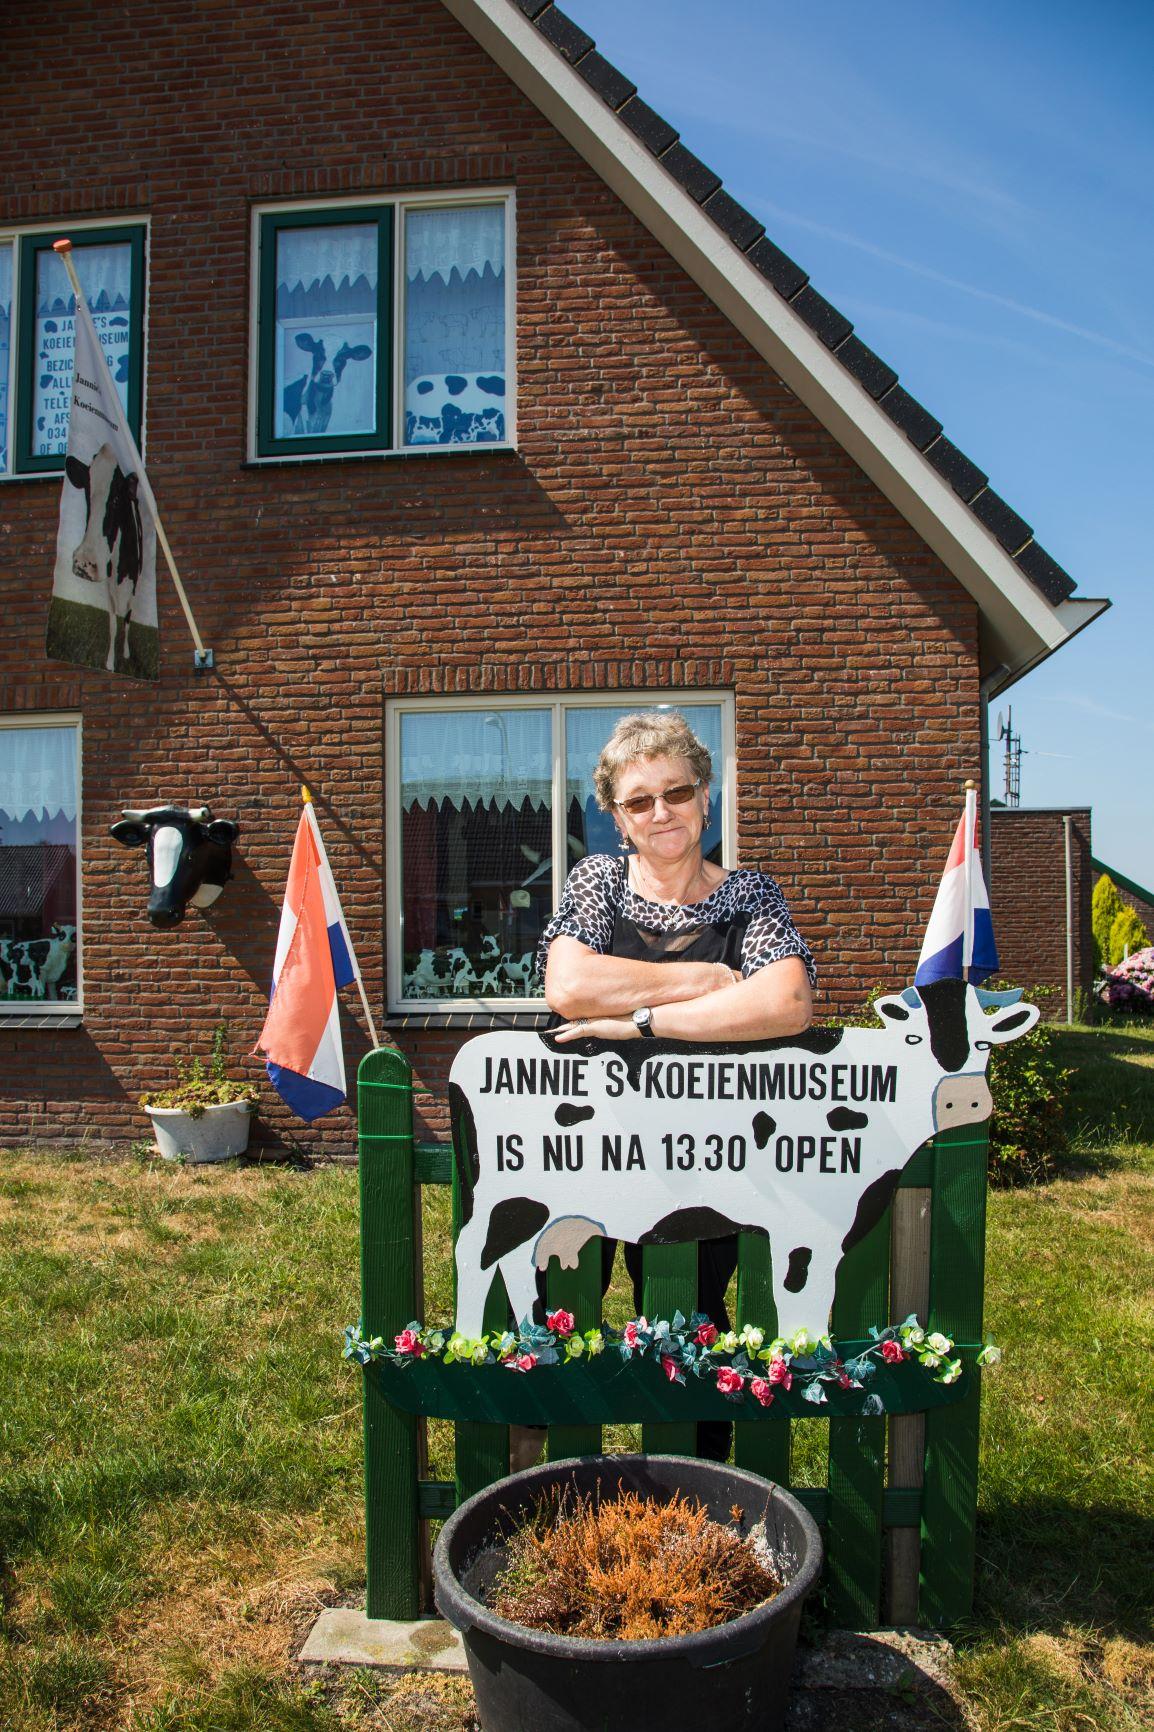 Jannie Verwoerd van het Koeienmuseum in Papekop